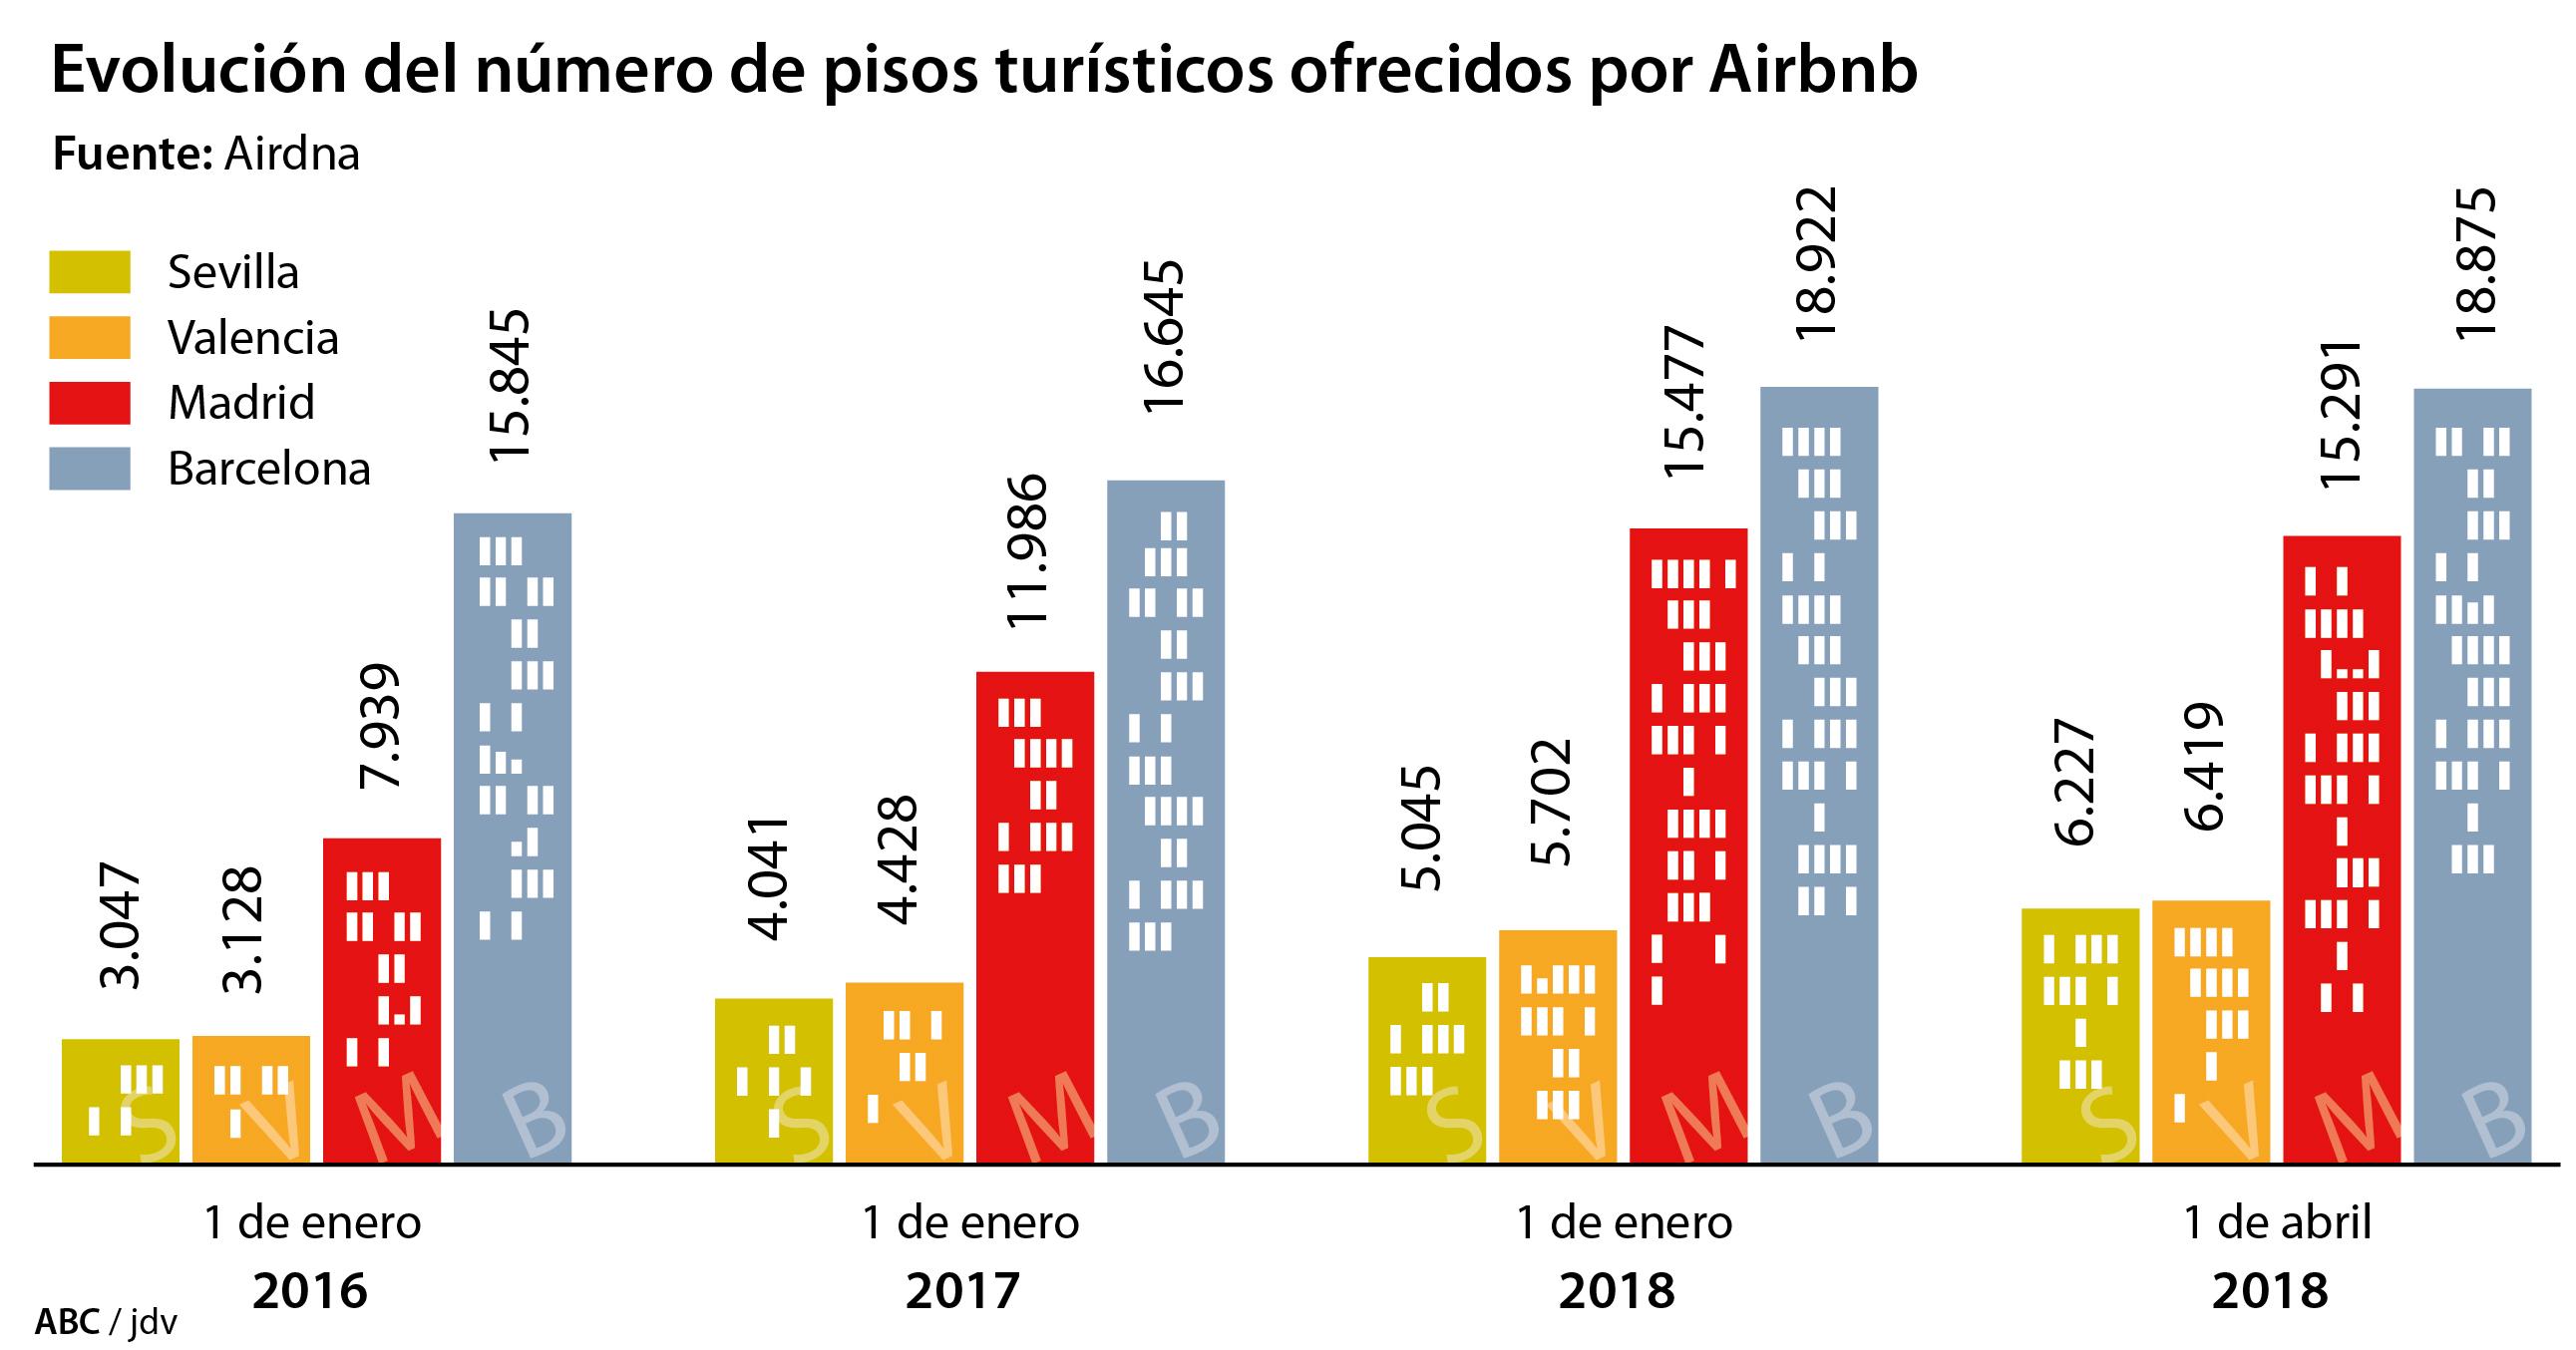 La oferta de airbnb en madrid y barcelona se duplica desde for Piso turistico madrid